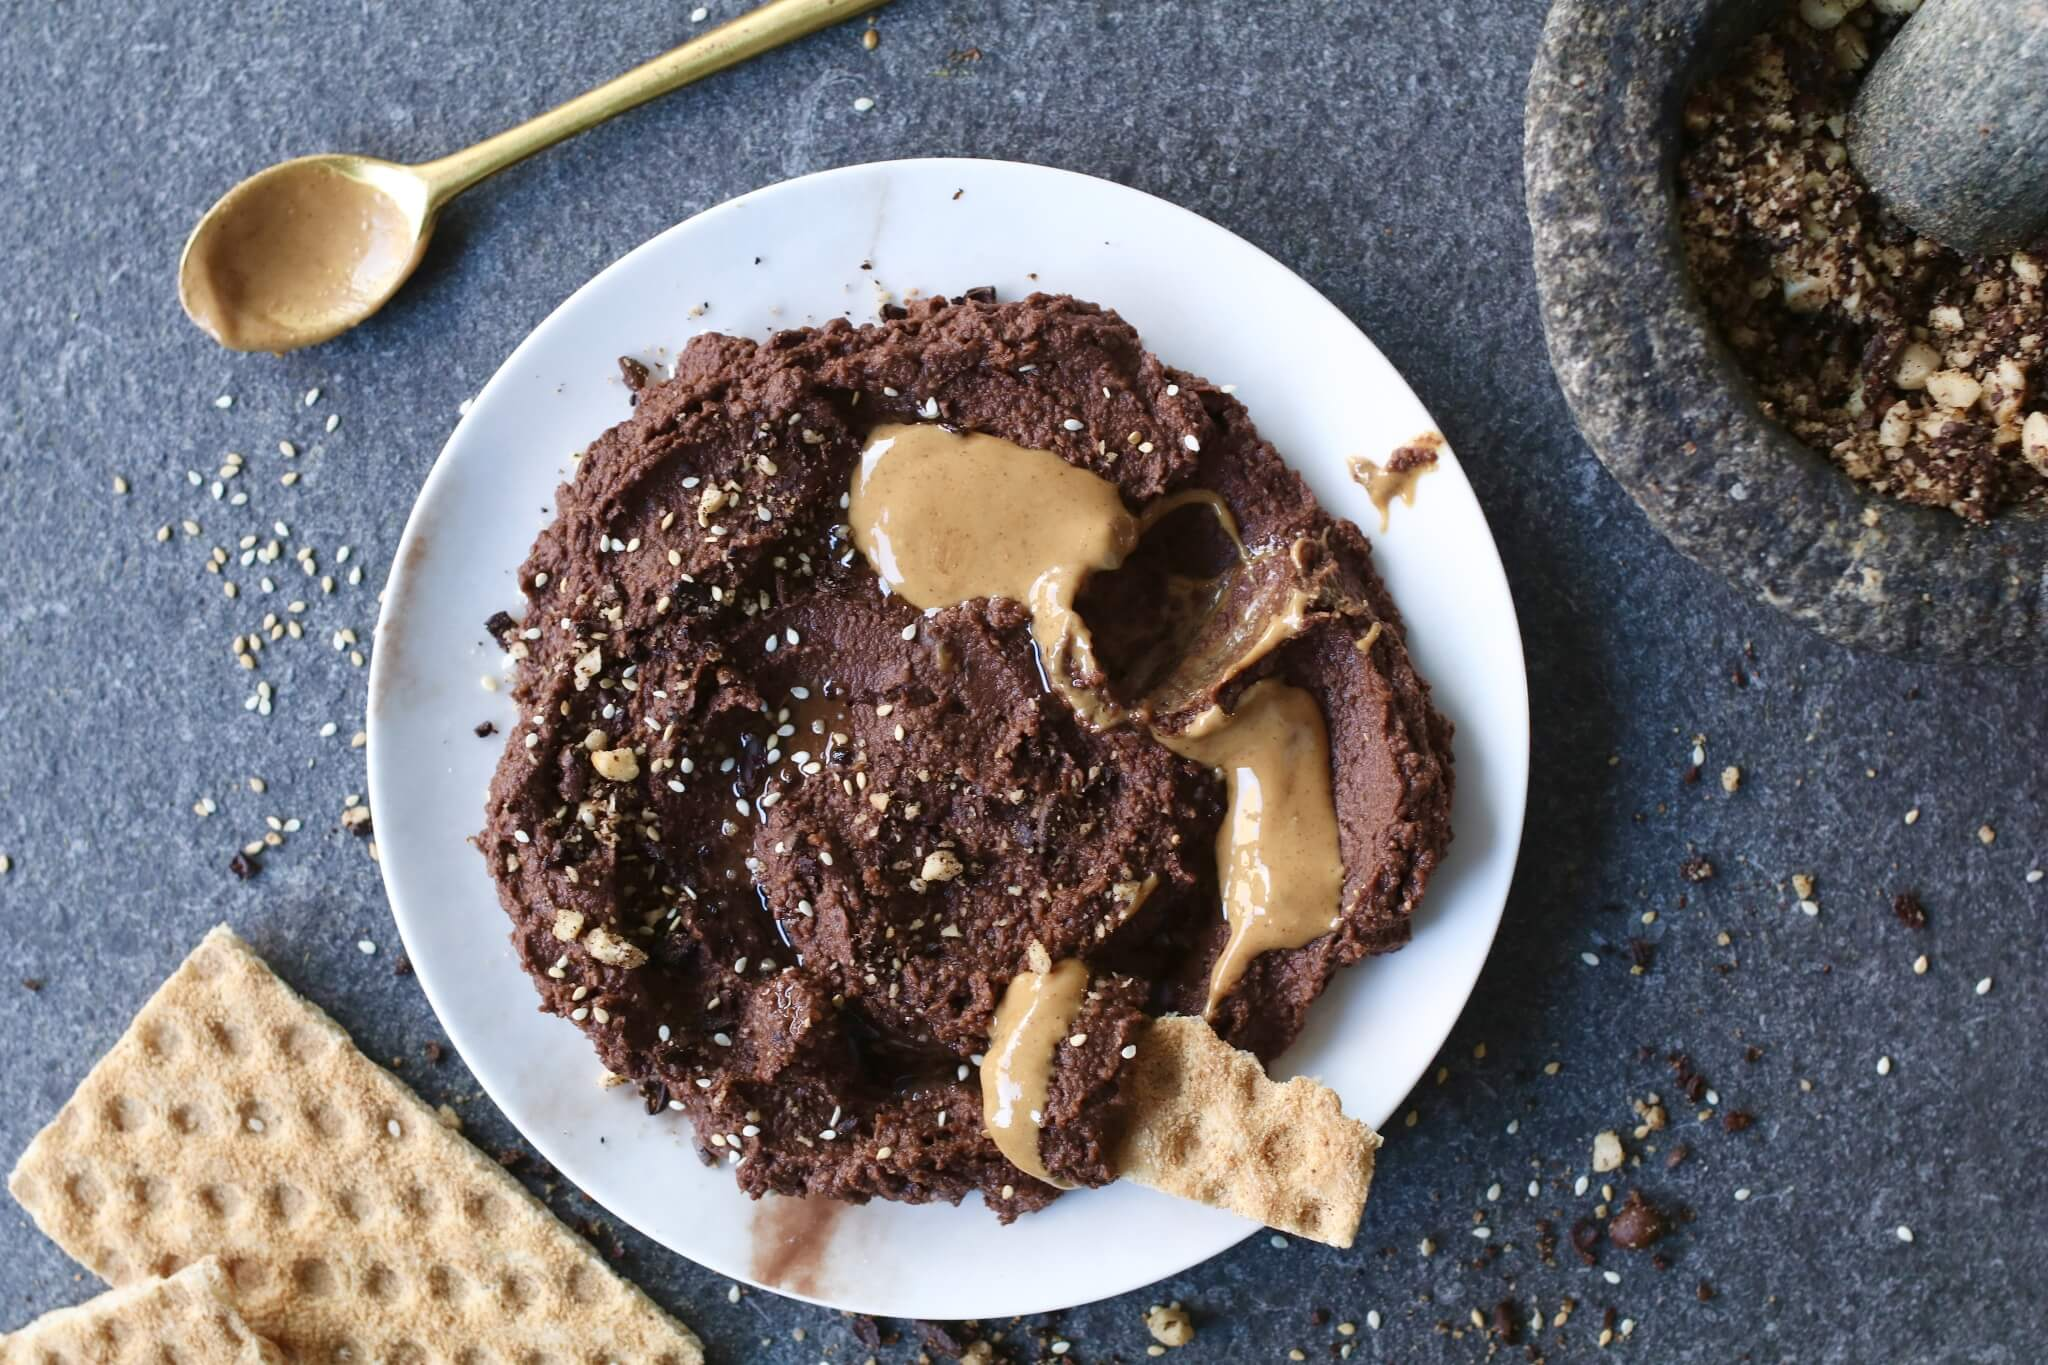 Chocolade hummus, Suikervrij broodbeleg, Gezond broodbeleg, Gezonde tussendoortjes, Beaufood recepten, gezonde foodblogs, leuke foodblog, Gezonde chocolade pasta, Suikervrije chocolade pasta